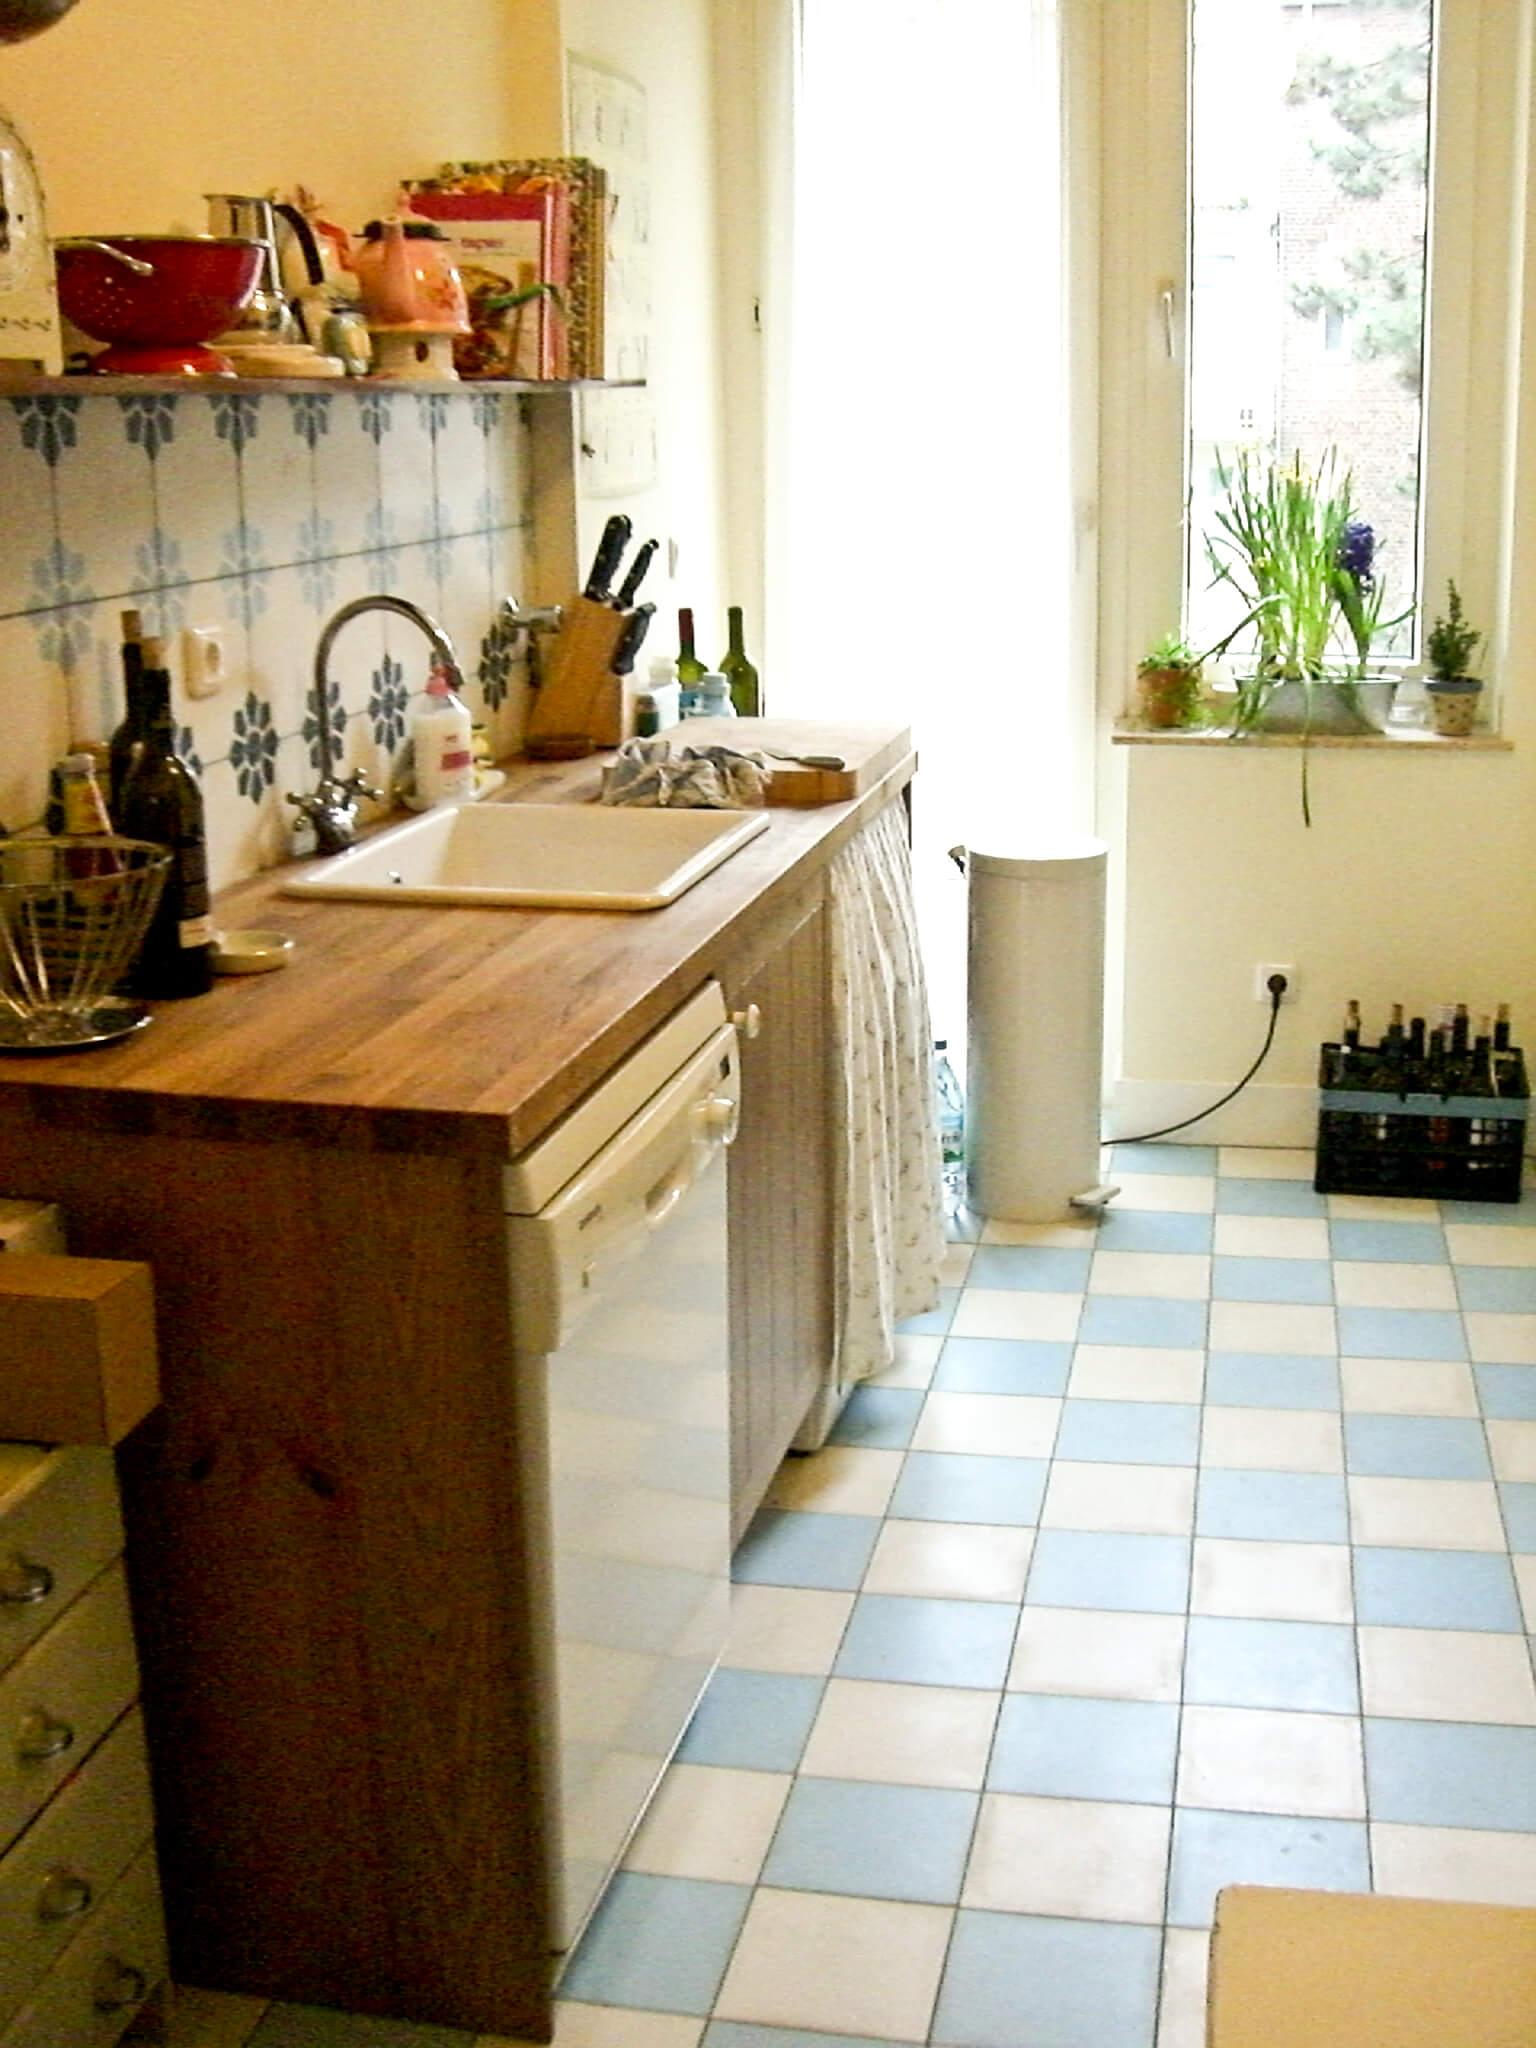 Full Size of Wandfliesen Küche Verlegen Wandfliesen Küche Verlegen Video Kunststoff Wandfliesen Küche Schwarze Wandfliesen Küche Küche Wandfliesen Küche